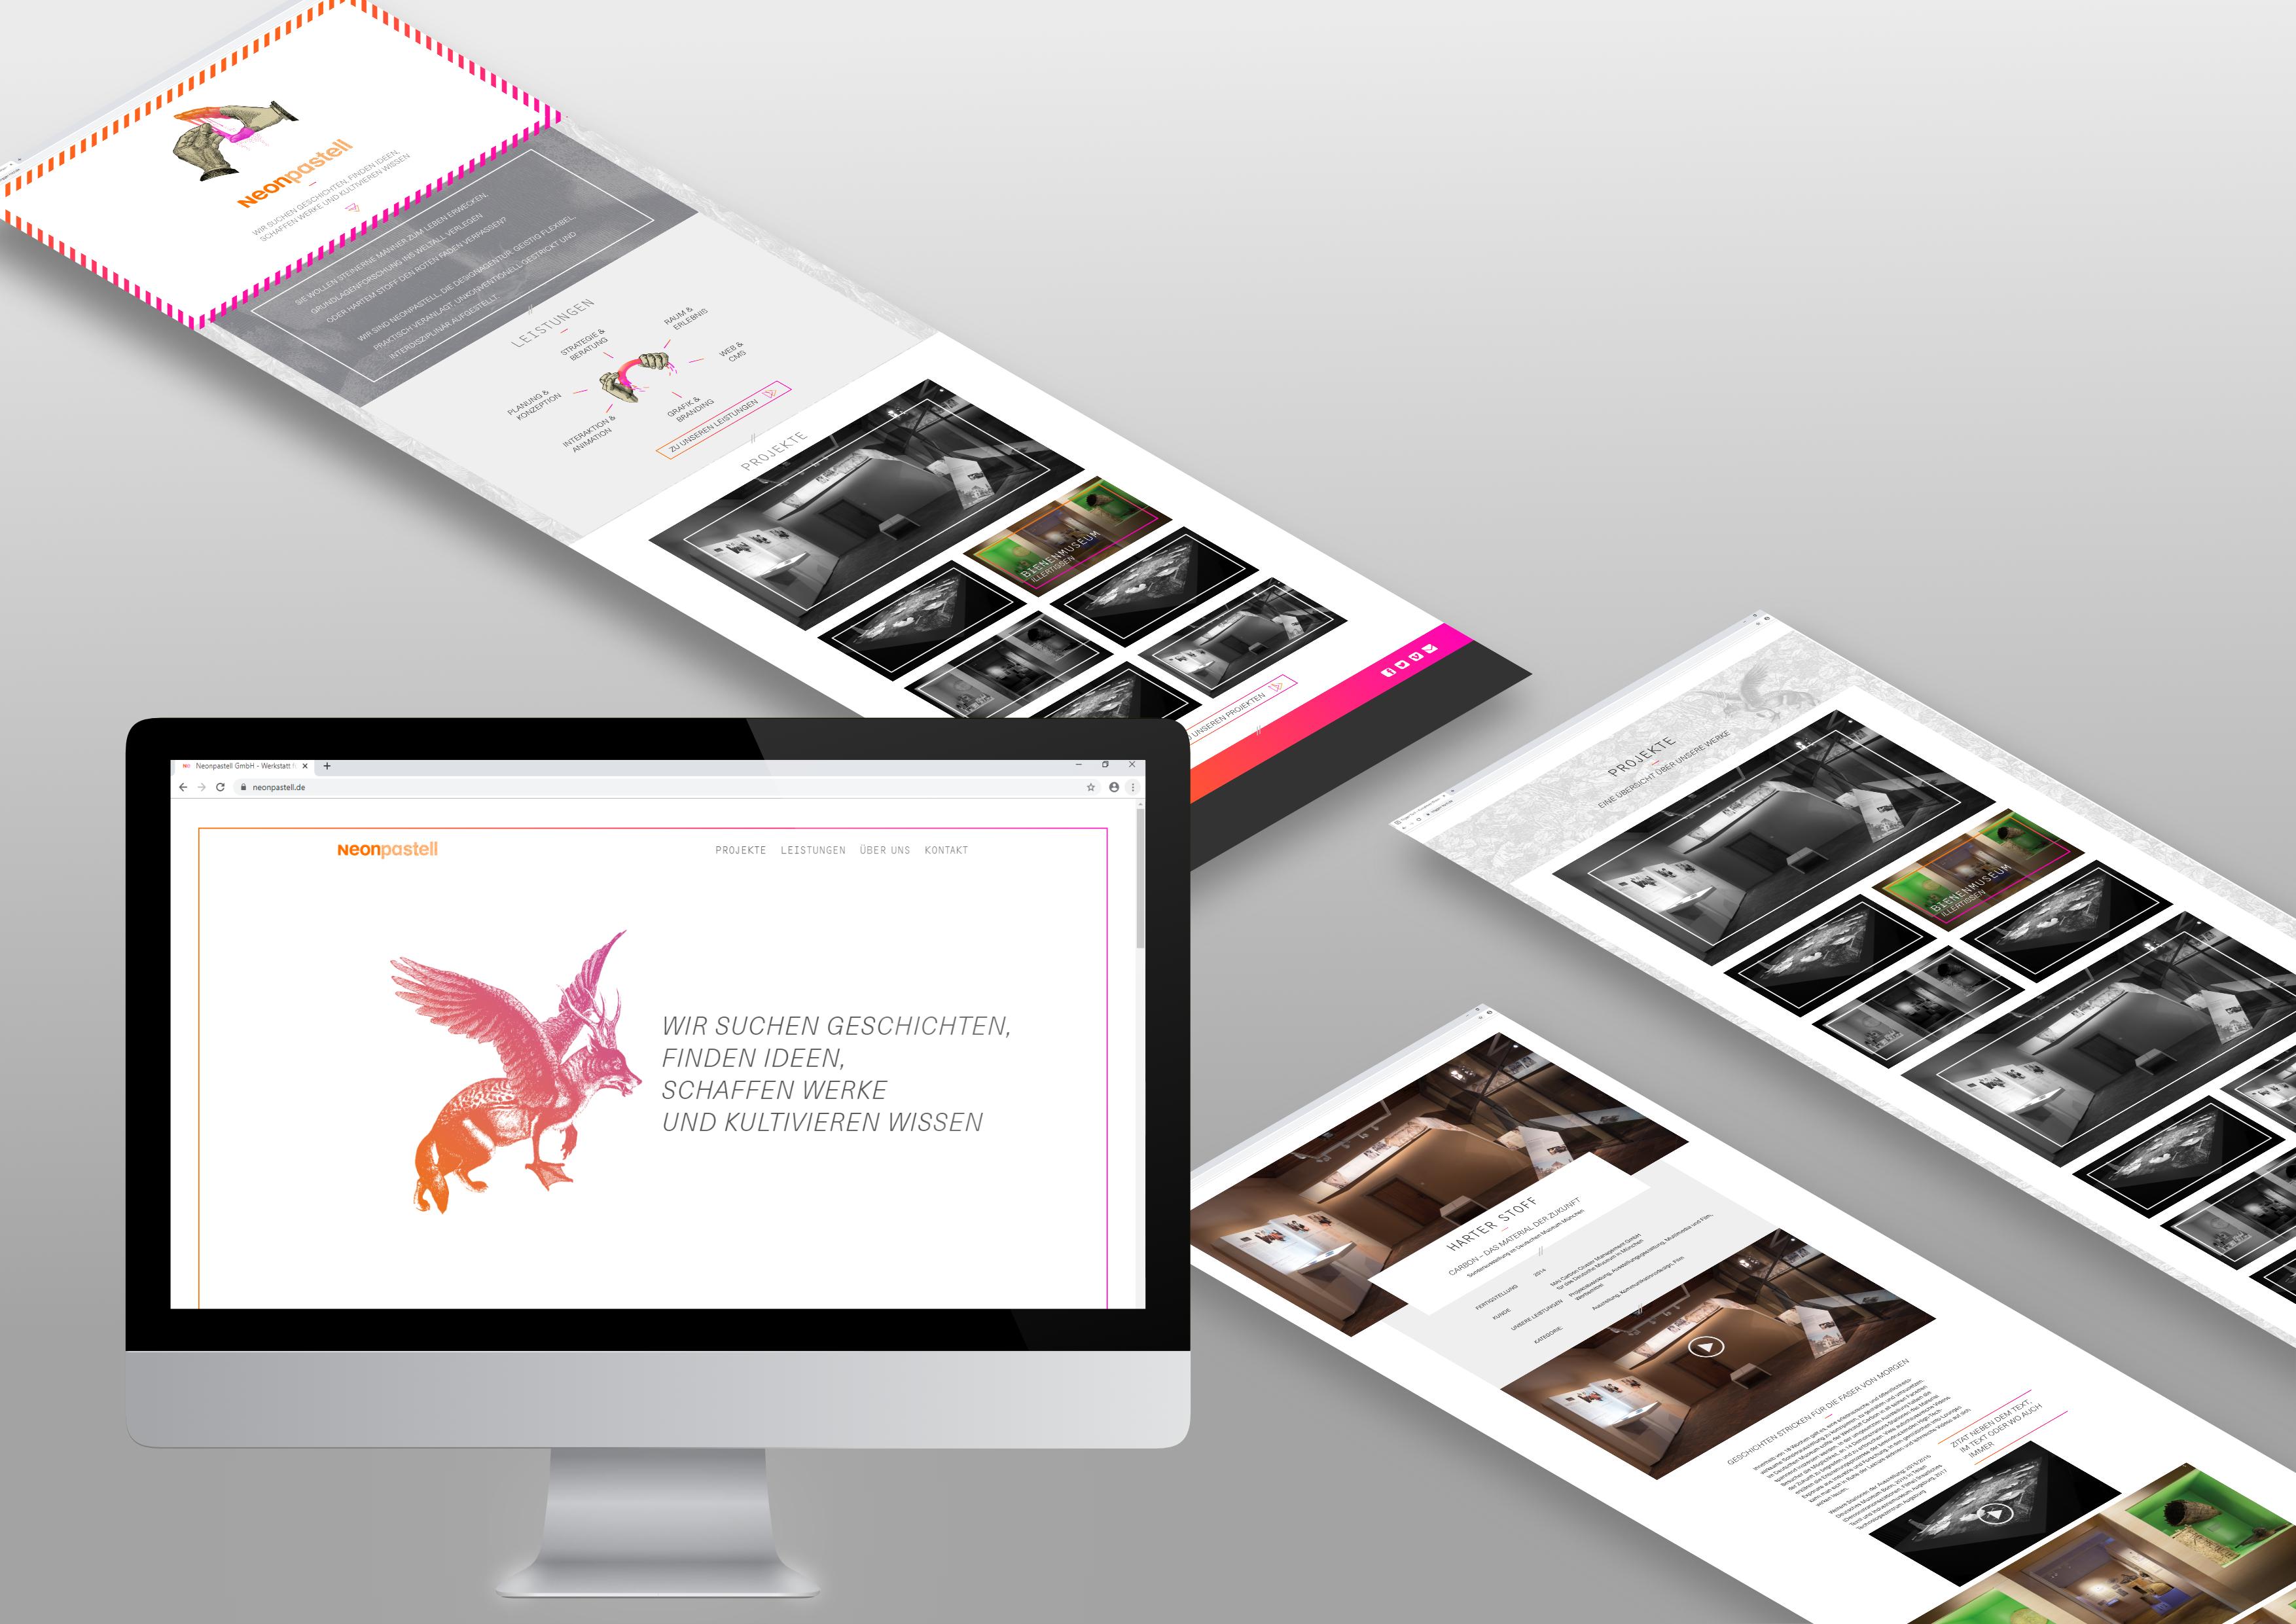 Webdesign Neonpastell